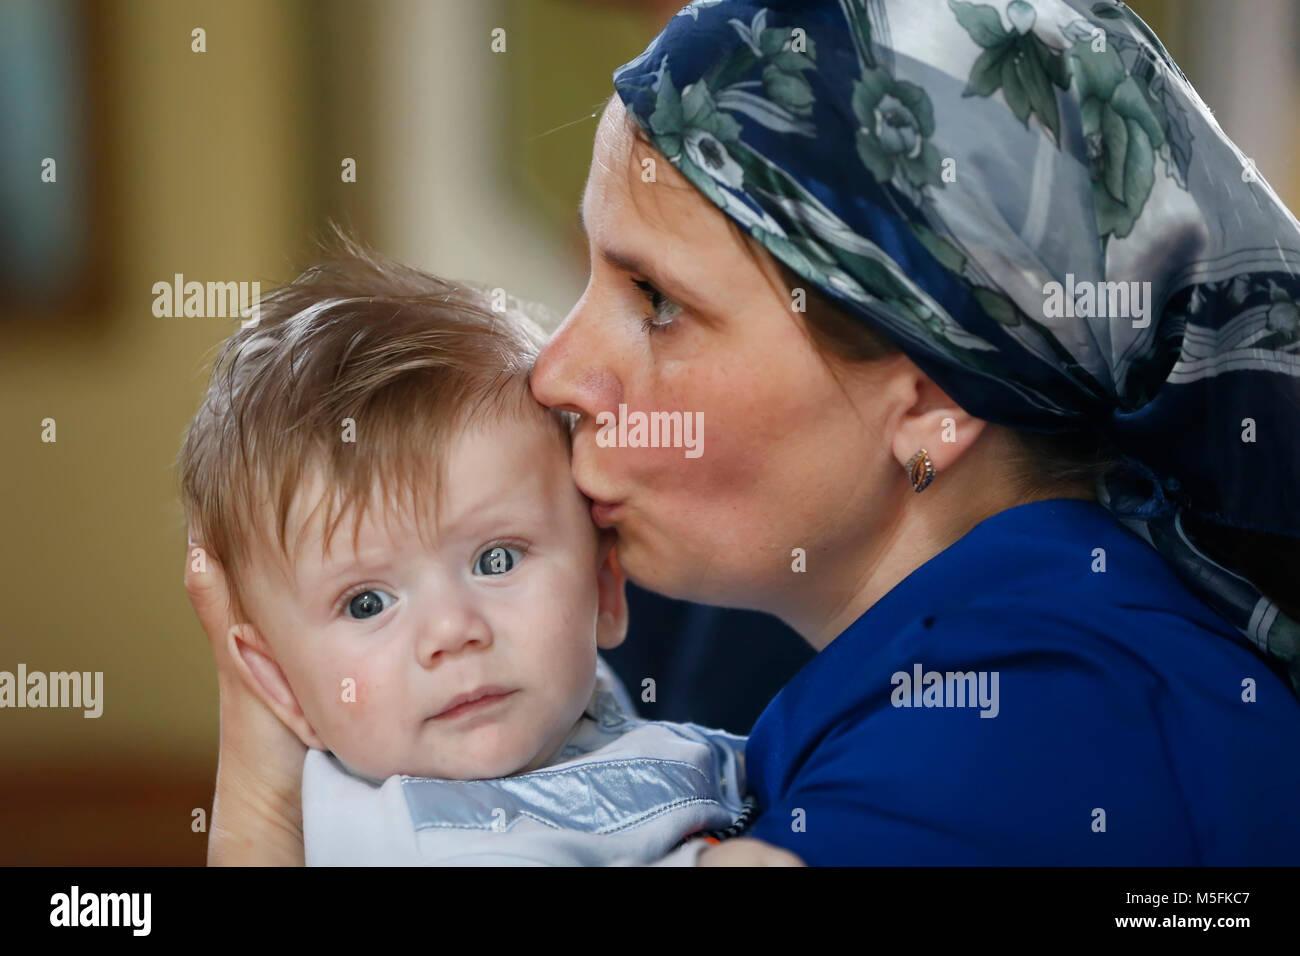 Belarús, la ciudad de Gomel, el Monasterio de San Nicolás.El 11 de junio de 2016.El Bautismo del niño.Una Imagen De Stock